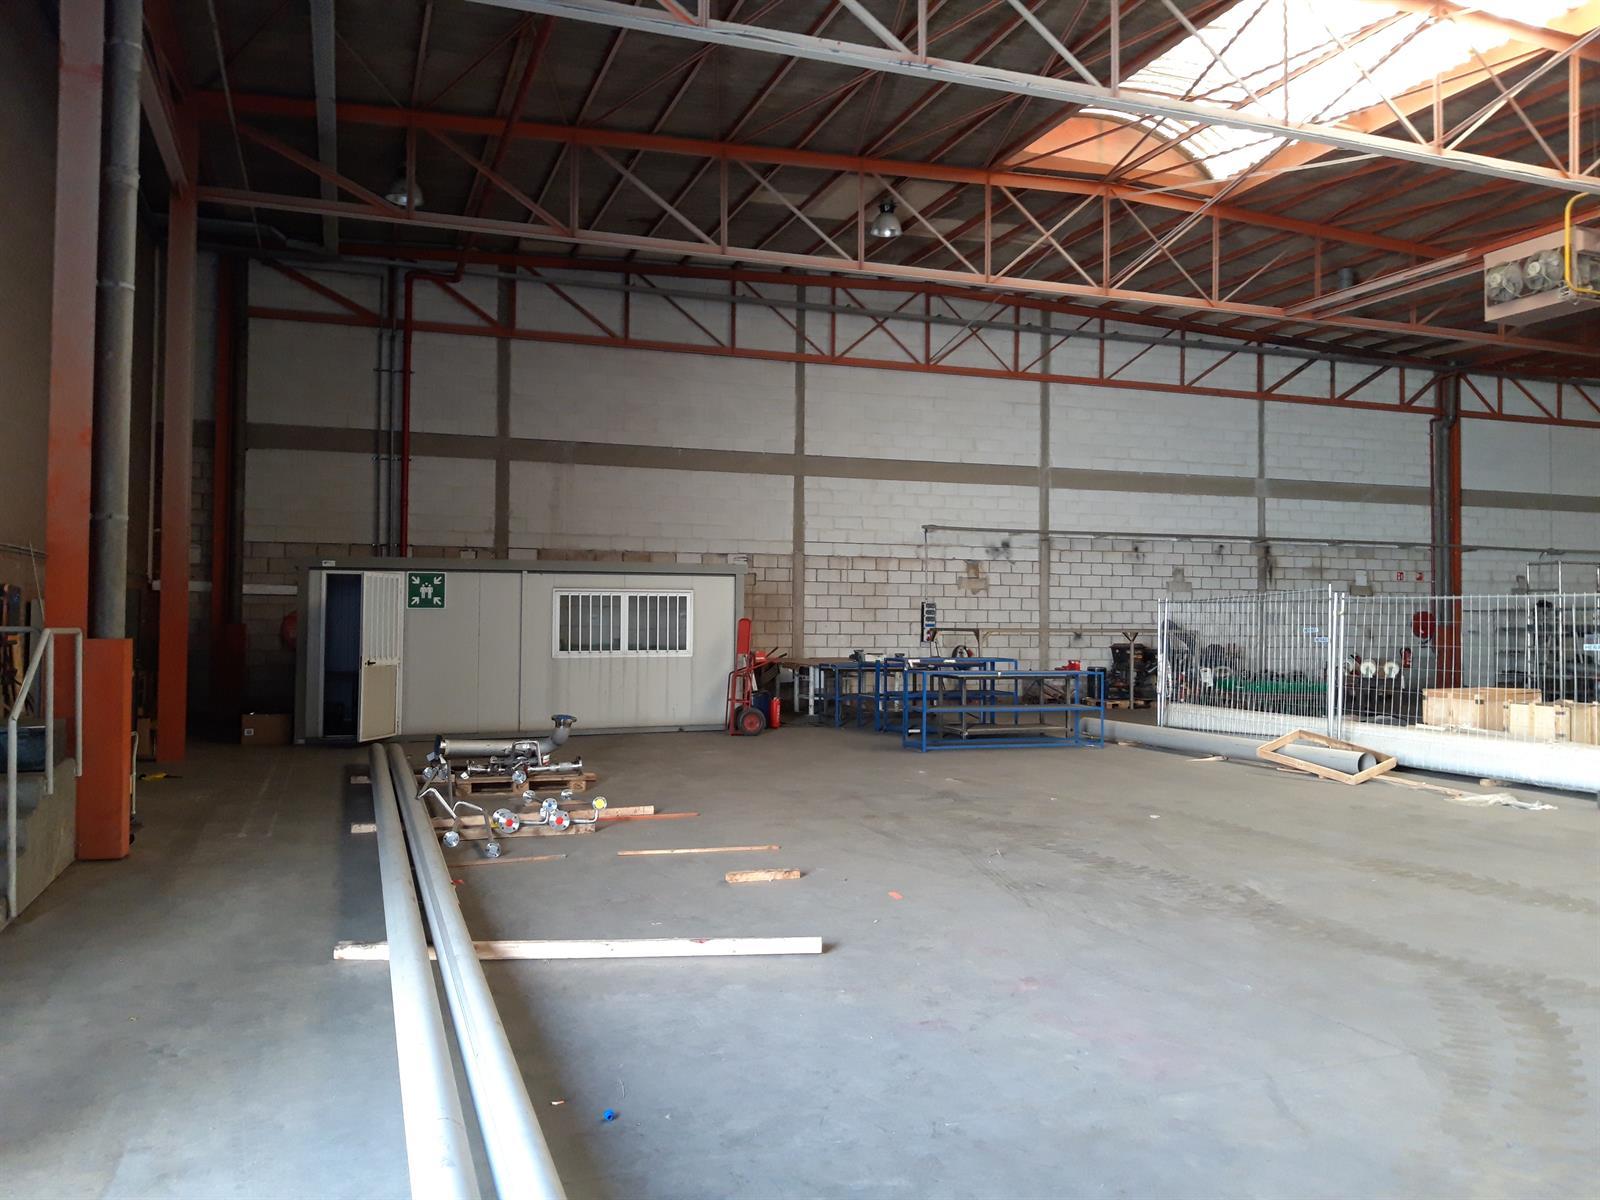 kantoren & magazijn te koop OUDEBAAN 71 WILRIJK - Oudebaan 71, 2610 Antwerpen Wilrijk, België 4